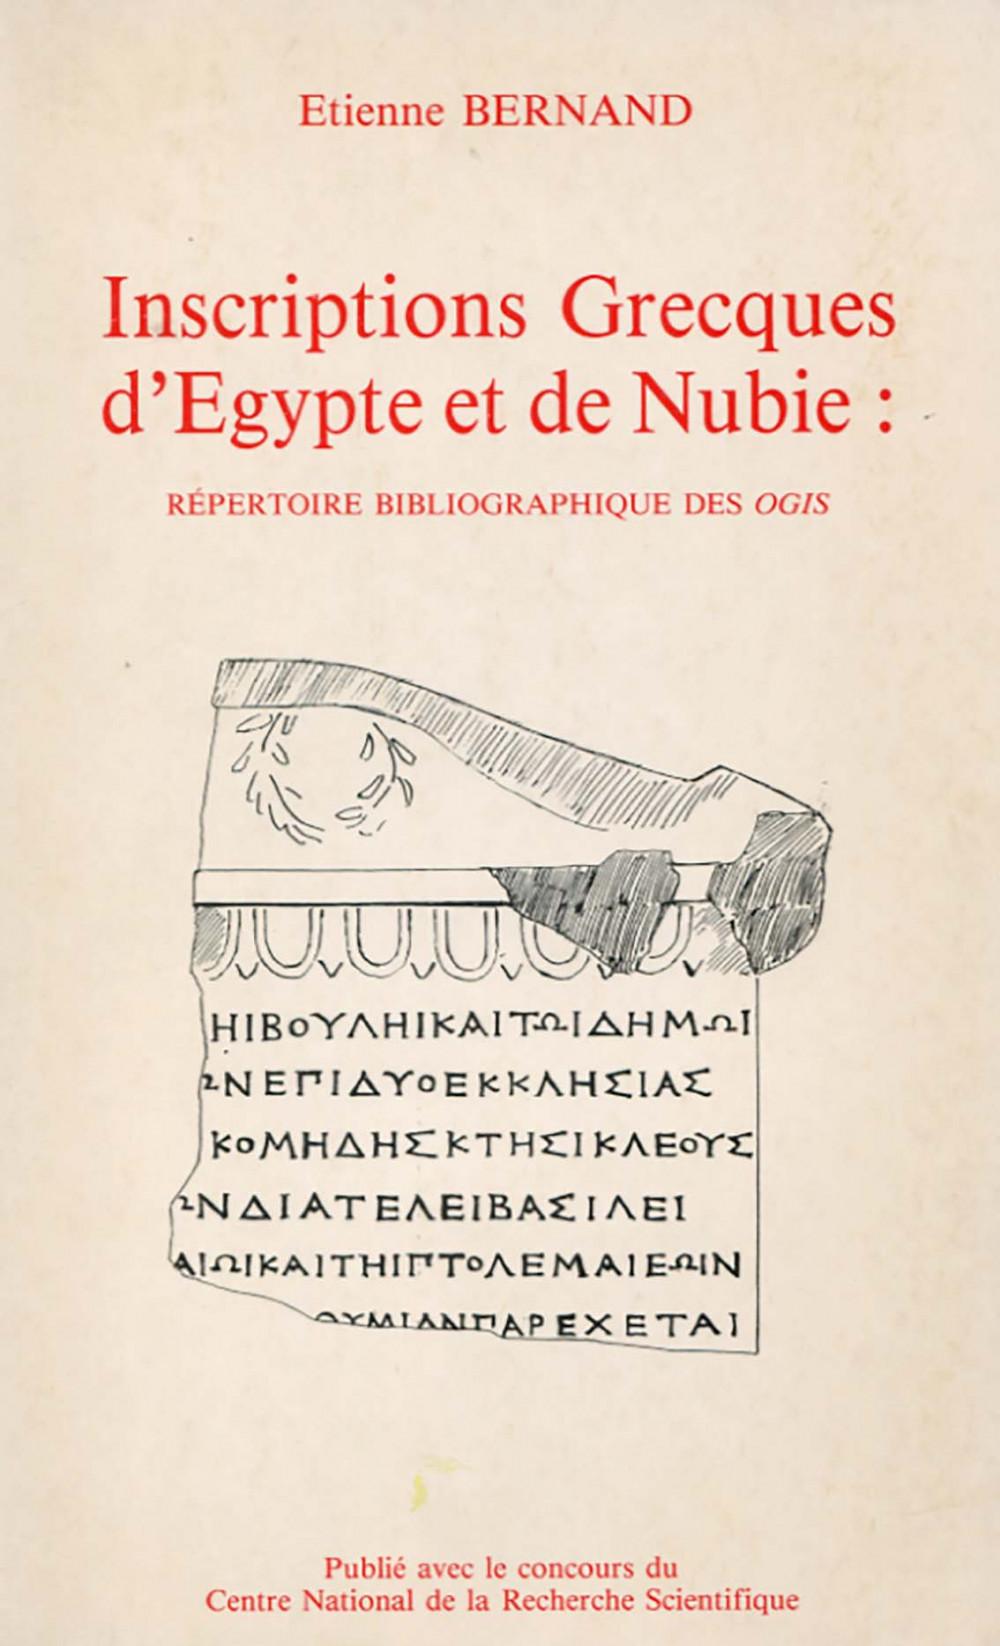 Inscriptions grecques d'Egypte et de Nubie